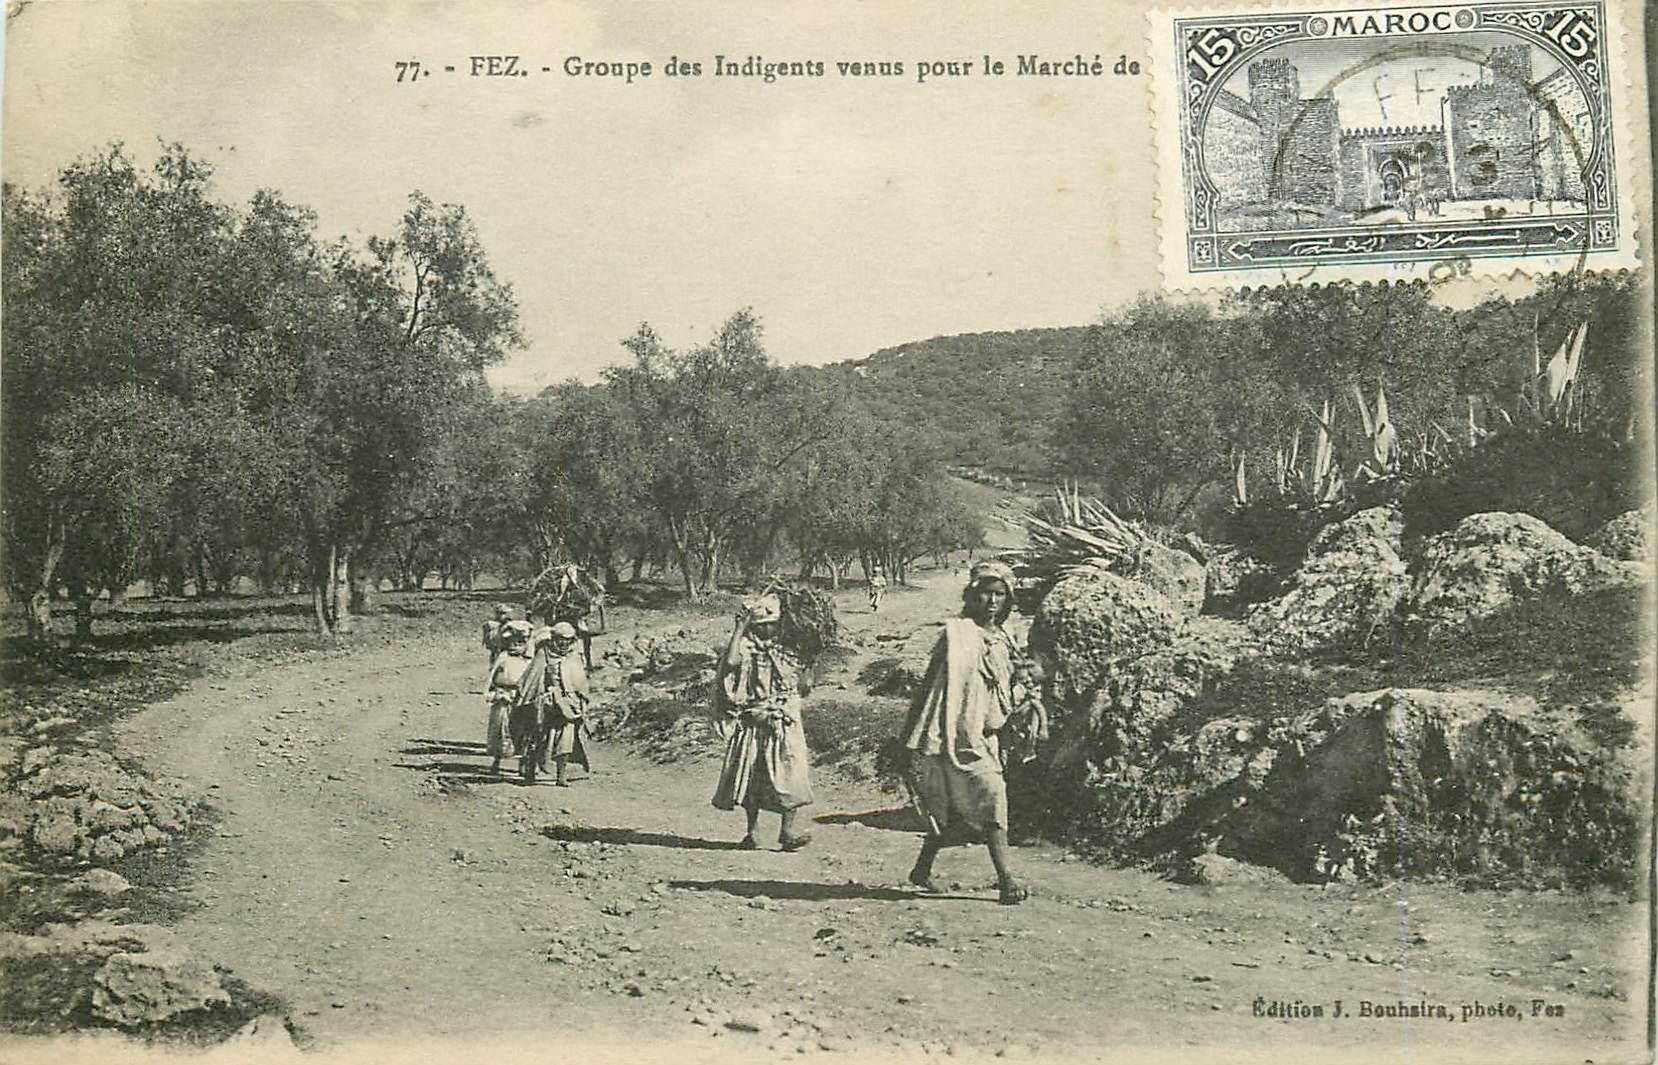 WW FEZ FES. Groupe des Indigents venus pour le Marché 1919 Maroc